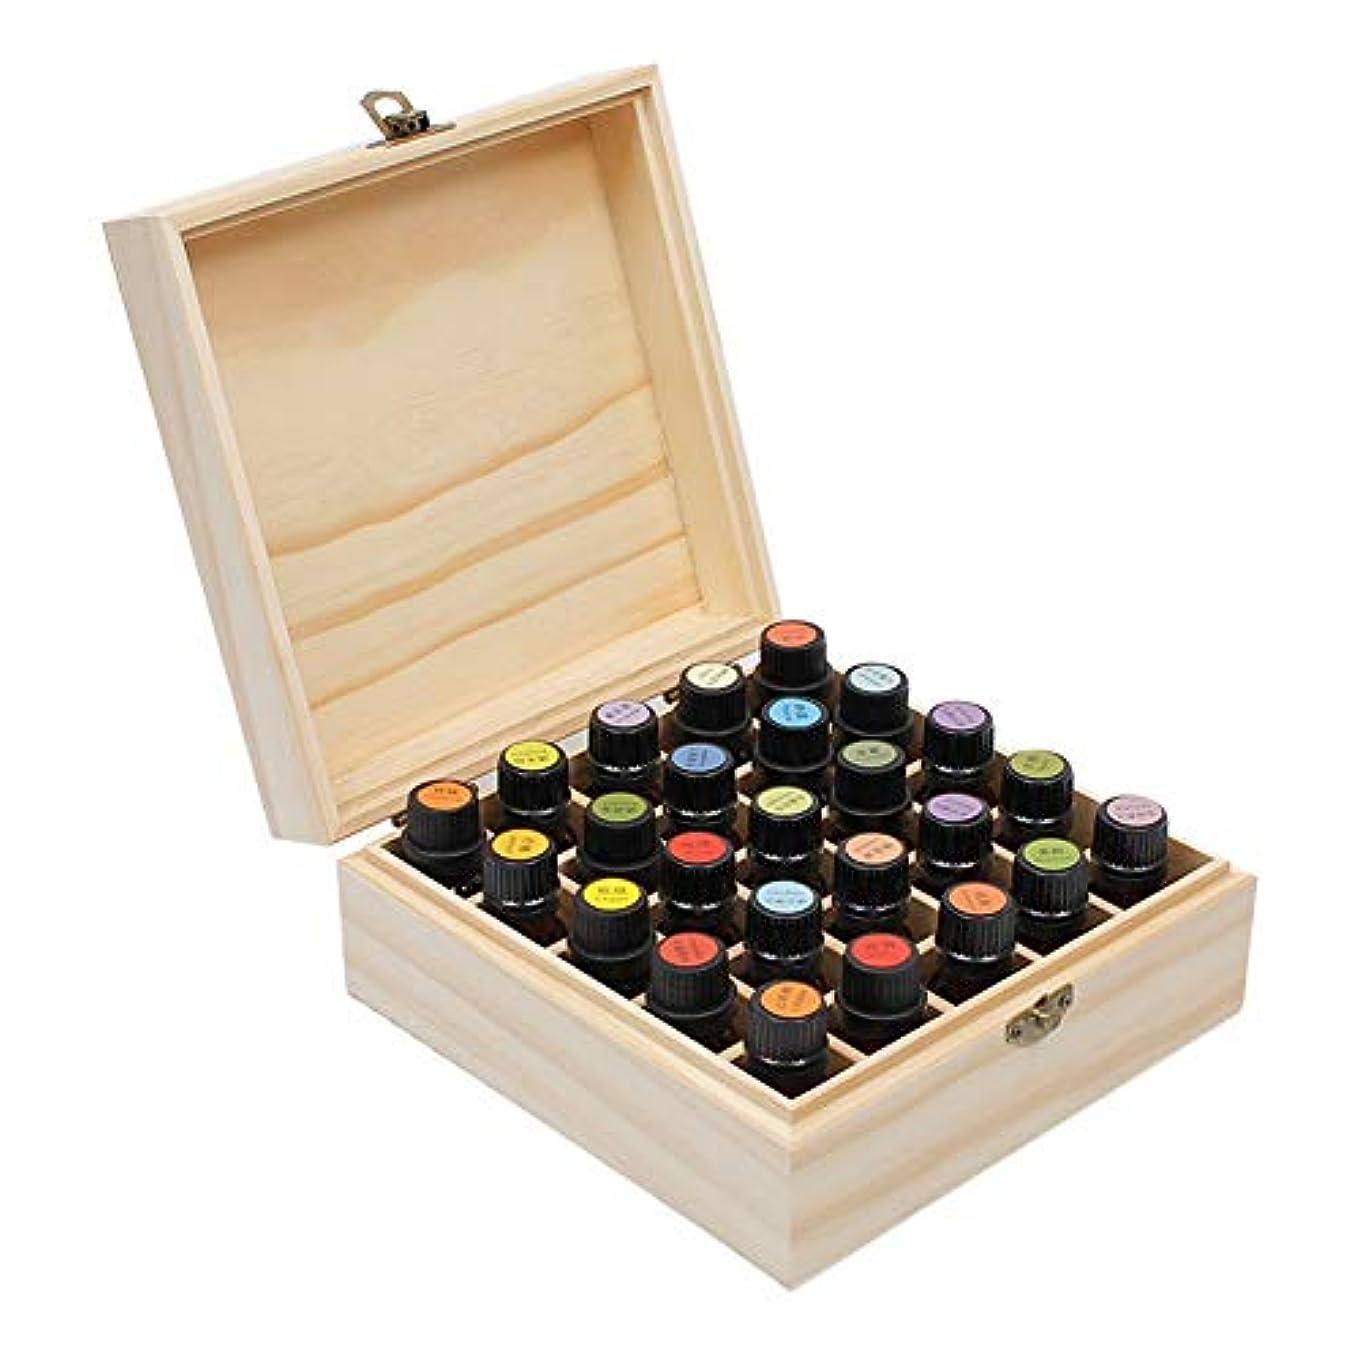 細胞寛解英語の授業がありますエッセンシャルオイル収納ボックス 25本用 木製エッセンシャルオイルボックス メイクポーチ 精油収納ケース 携帯用 自然ウッド精油収納ボックス 香水収納ケース